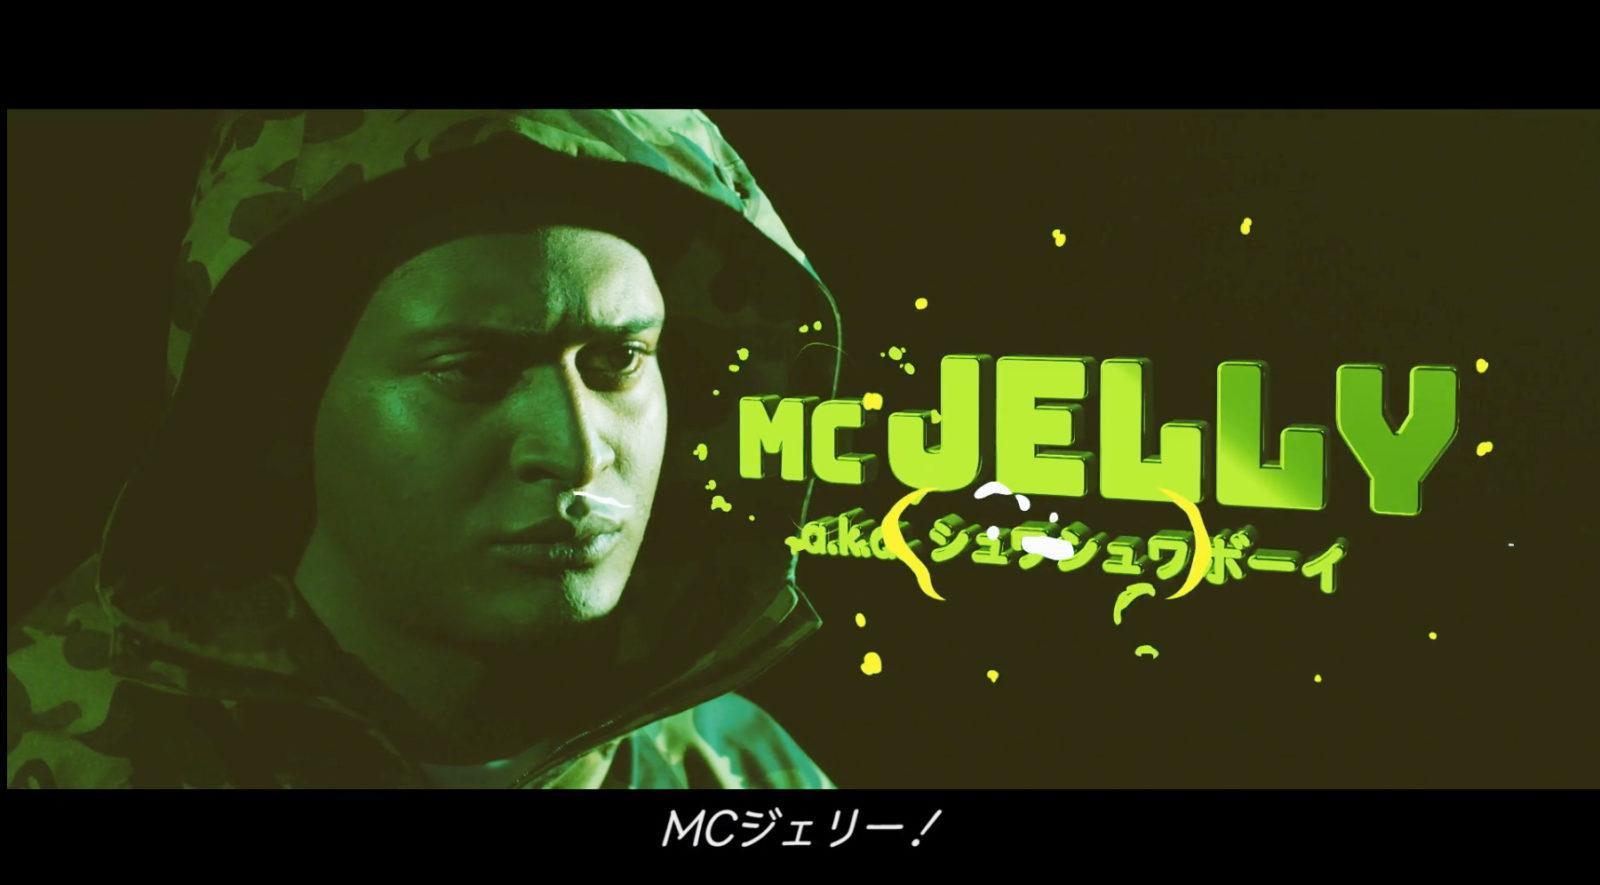 ダイドードリンコ / 2つの食感ラップバトル第1話『先攻、MCジェリー』